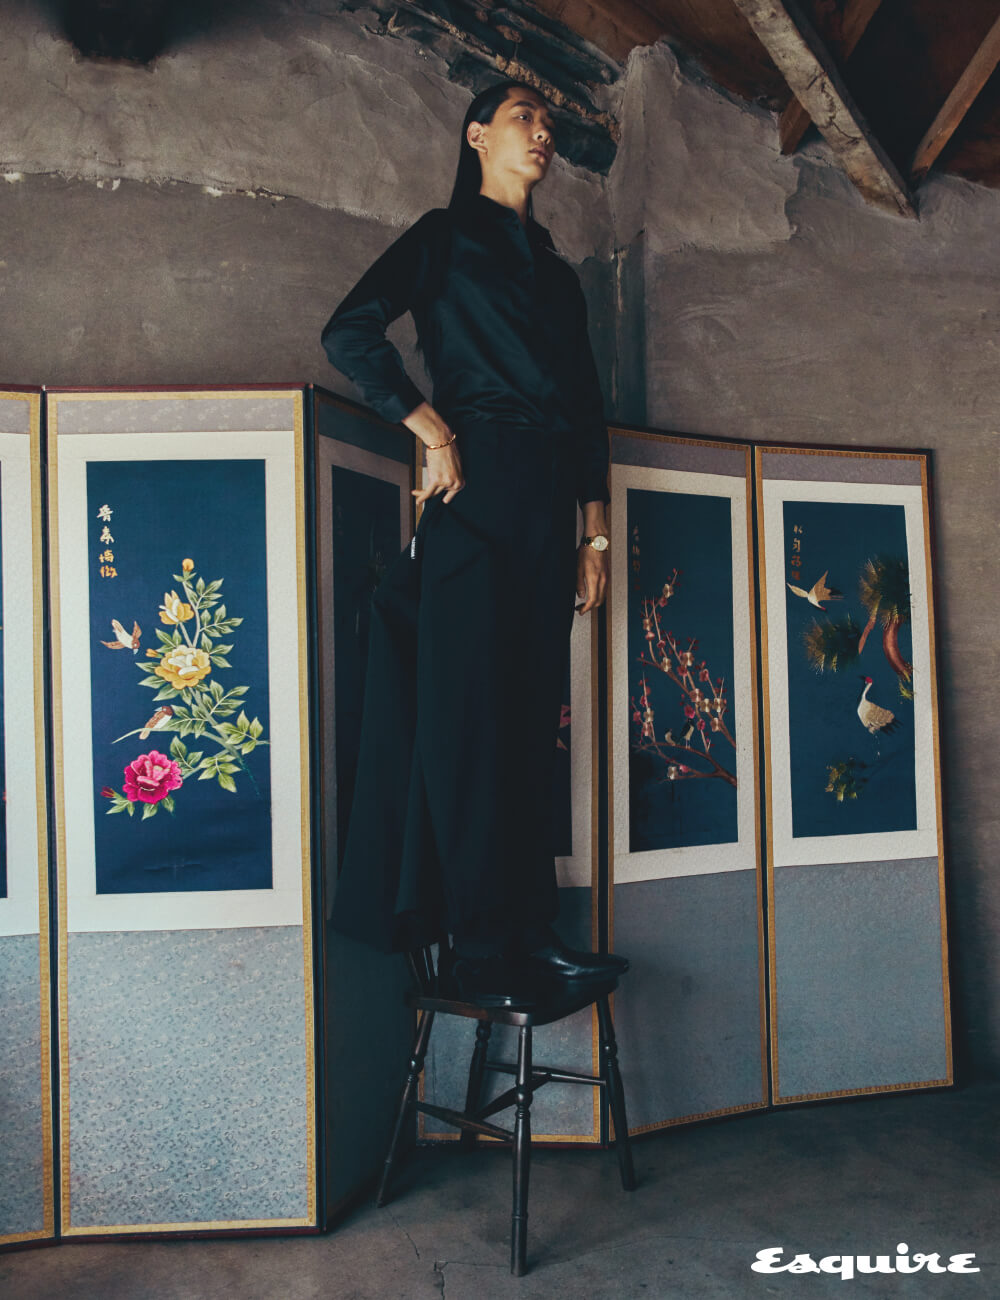 손에 든 재킷, 셔츠, 바지, 구두 모두 가격 미정 발렌시아가. 세르펜티 팔찌 1100만원대 불가리. 로즈 골드 케이스 알티플라노 시계 4100만원대 피아제.